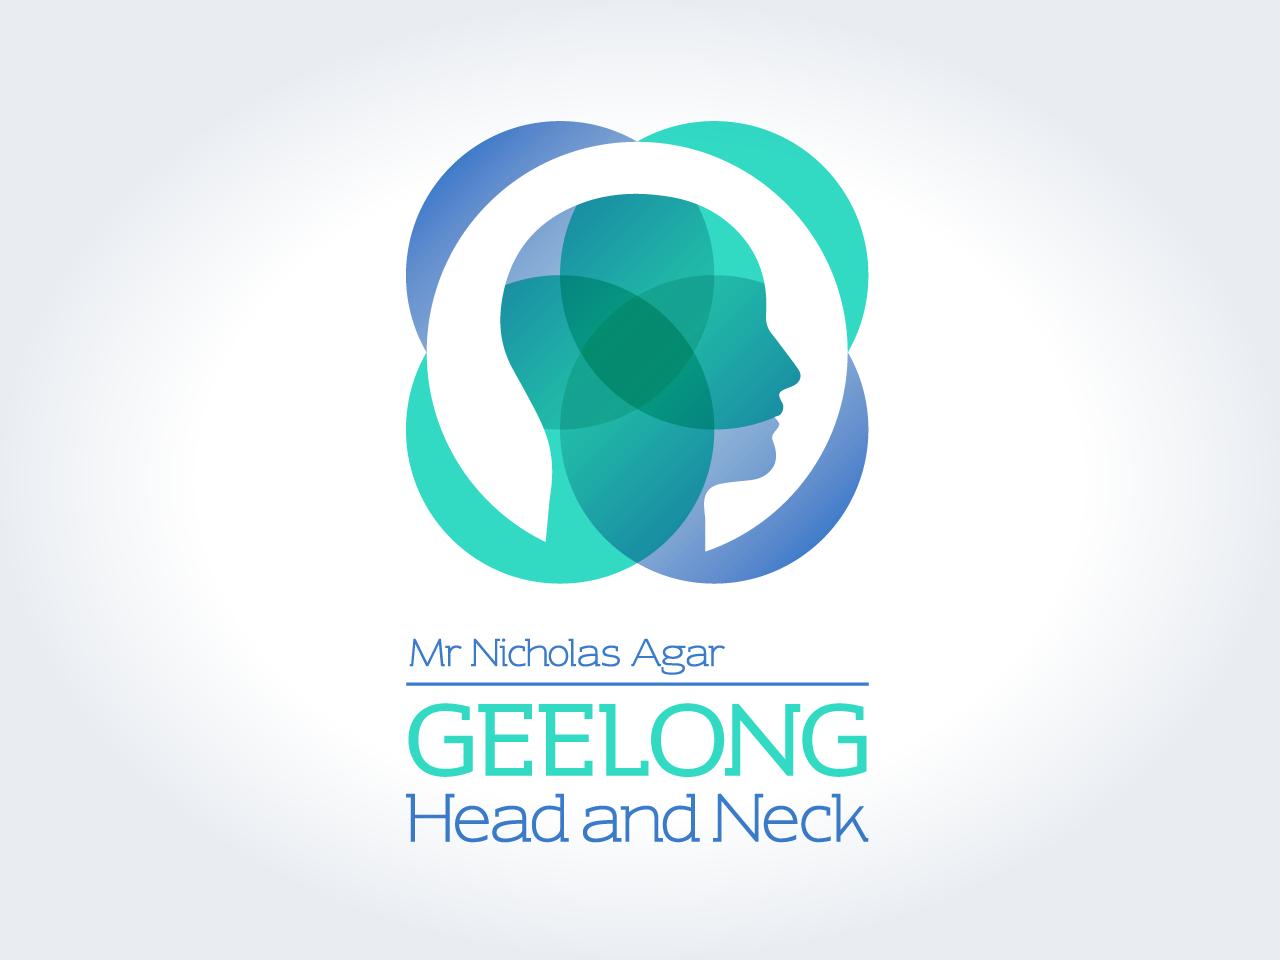 GEELONG HEAD AND NECK - Logo brand development